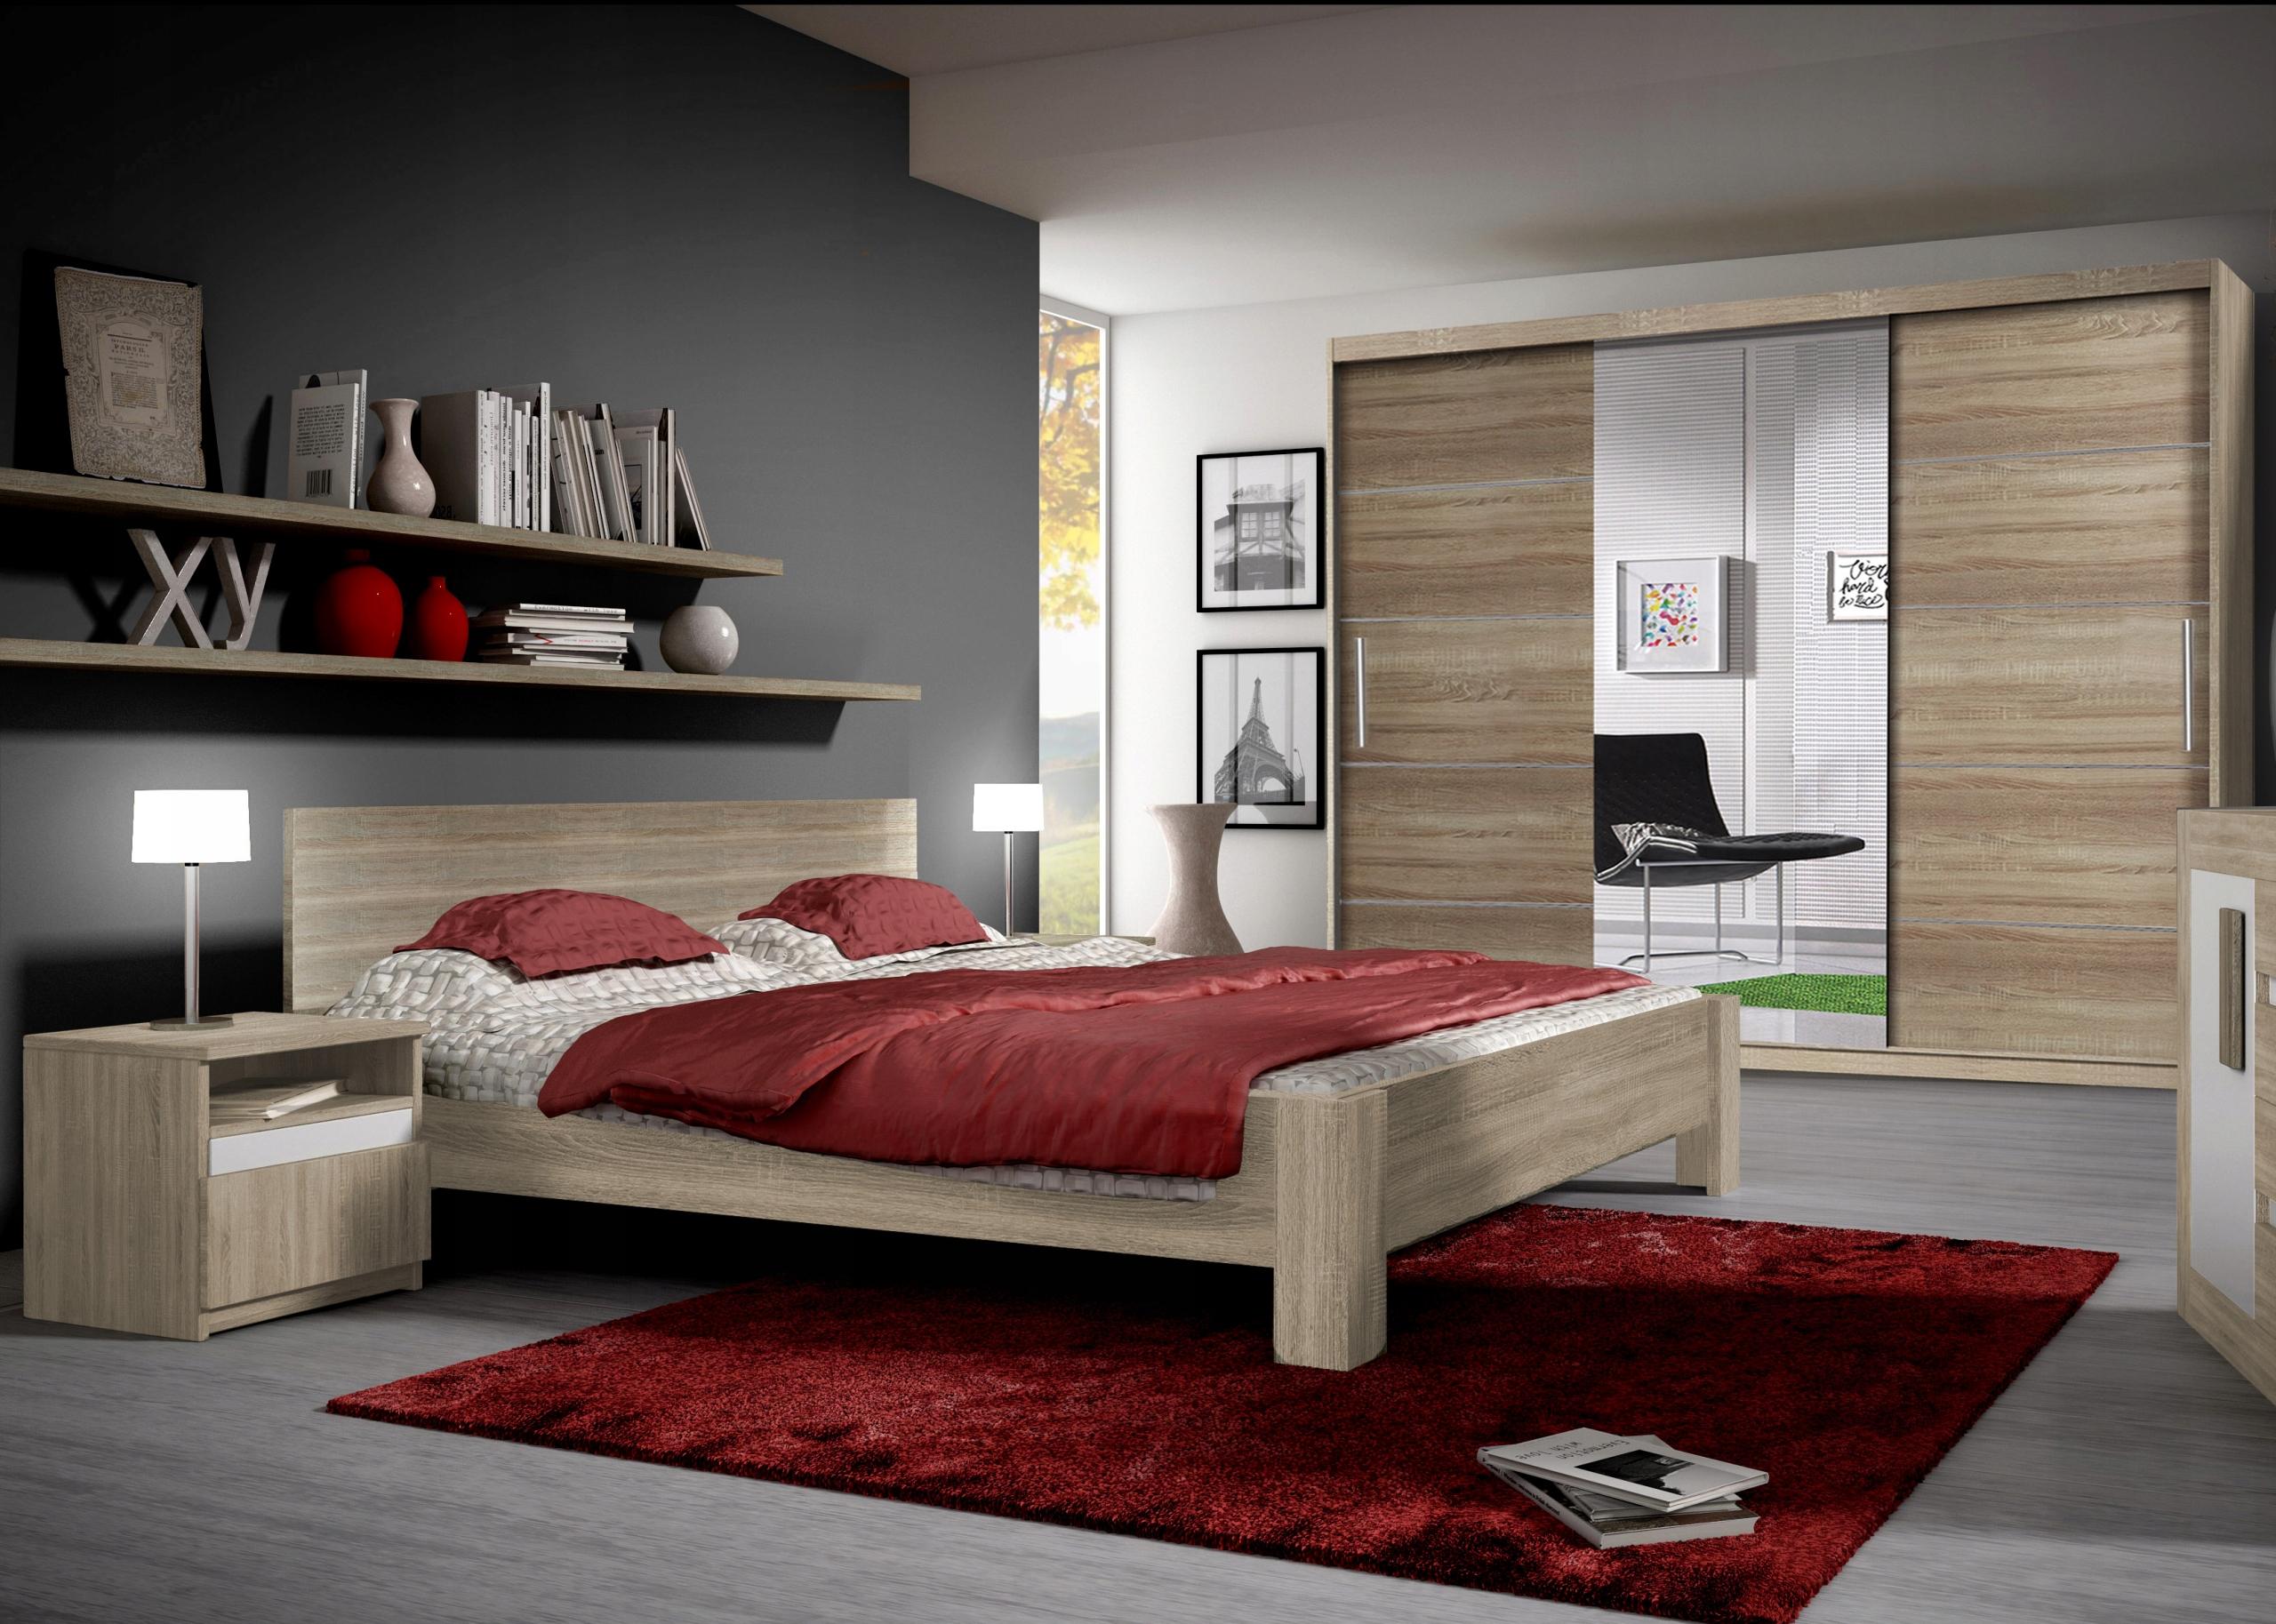 кровать шкаф 250 журнальный Столик Мебель для Спальня ARTI